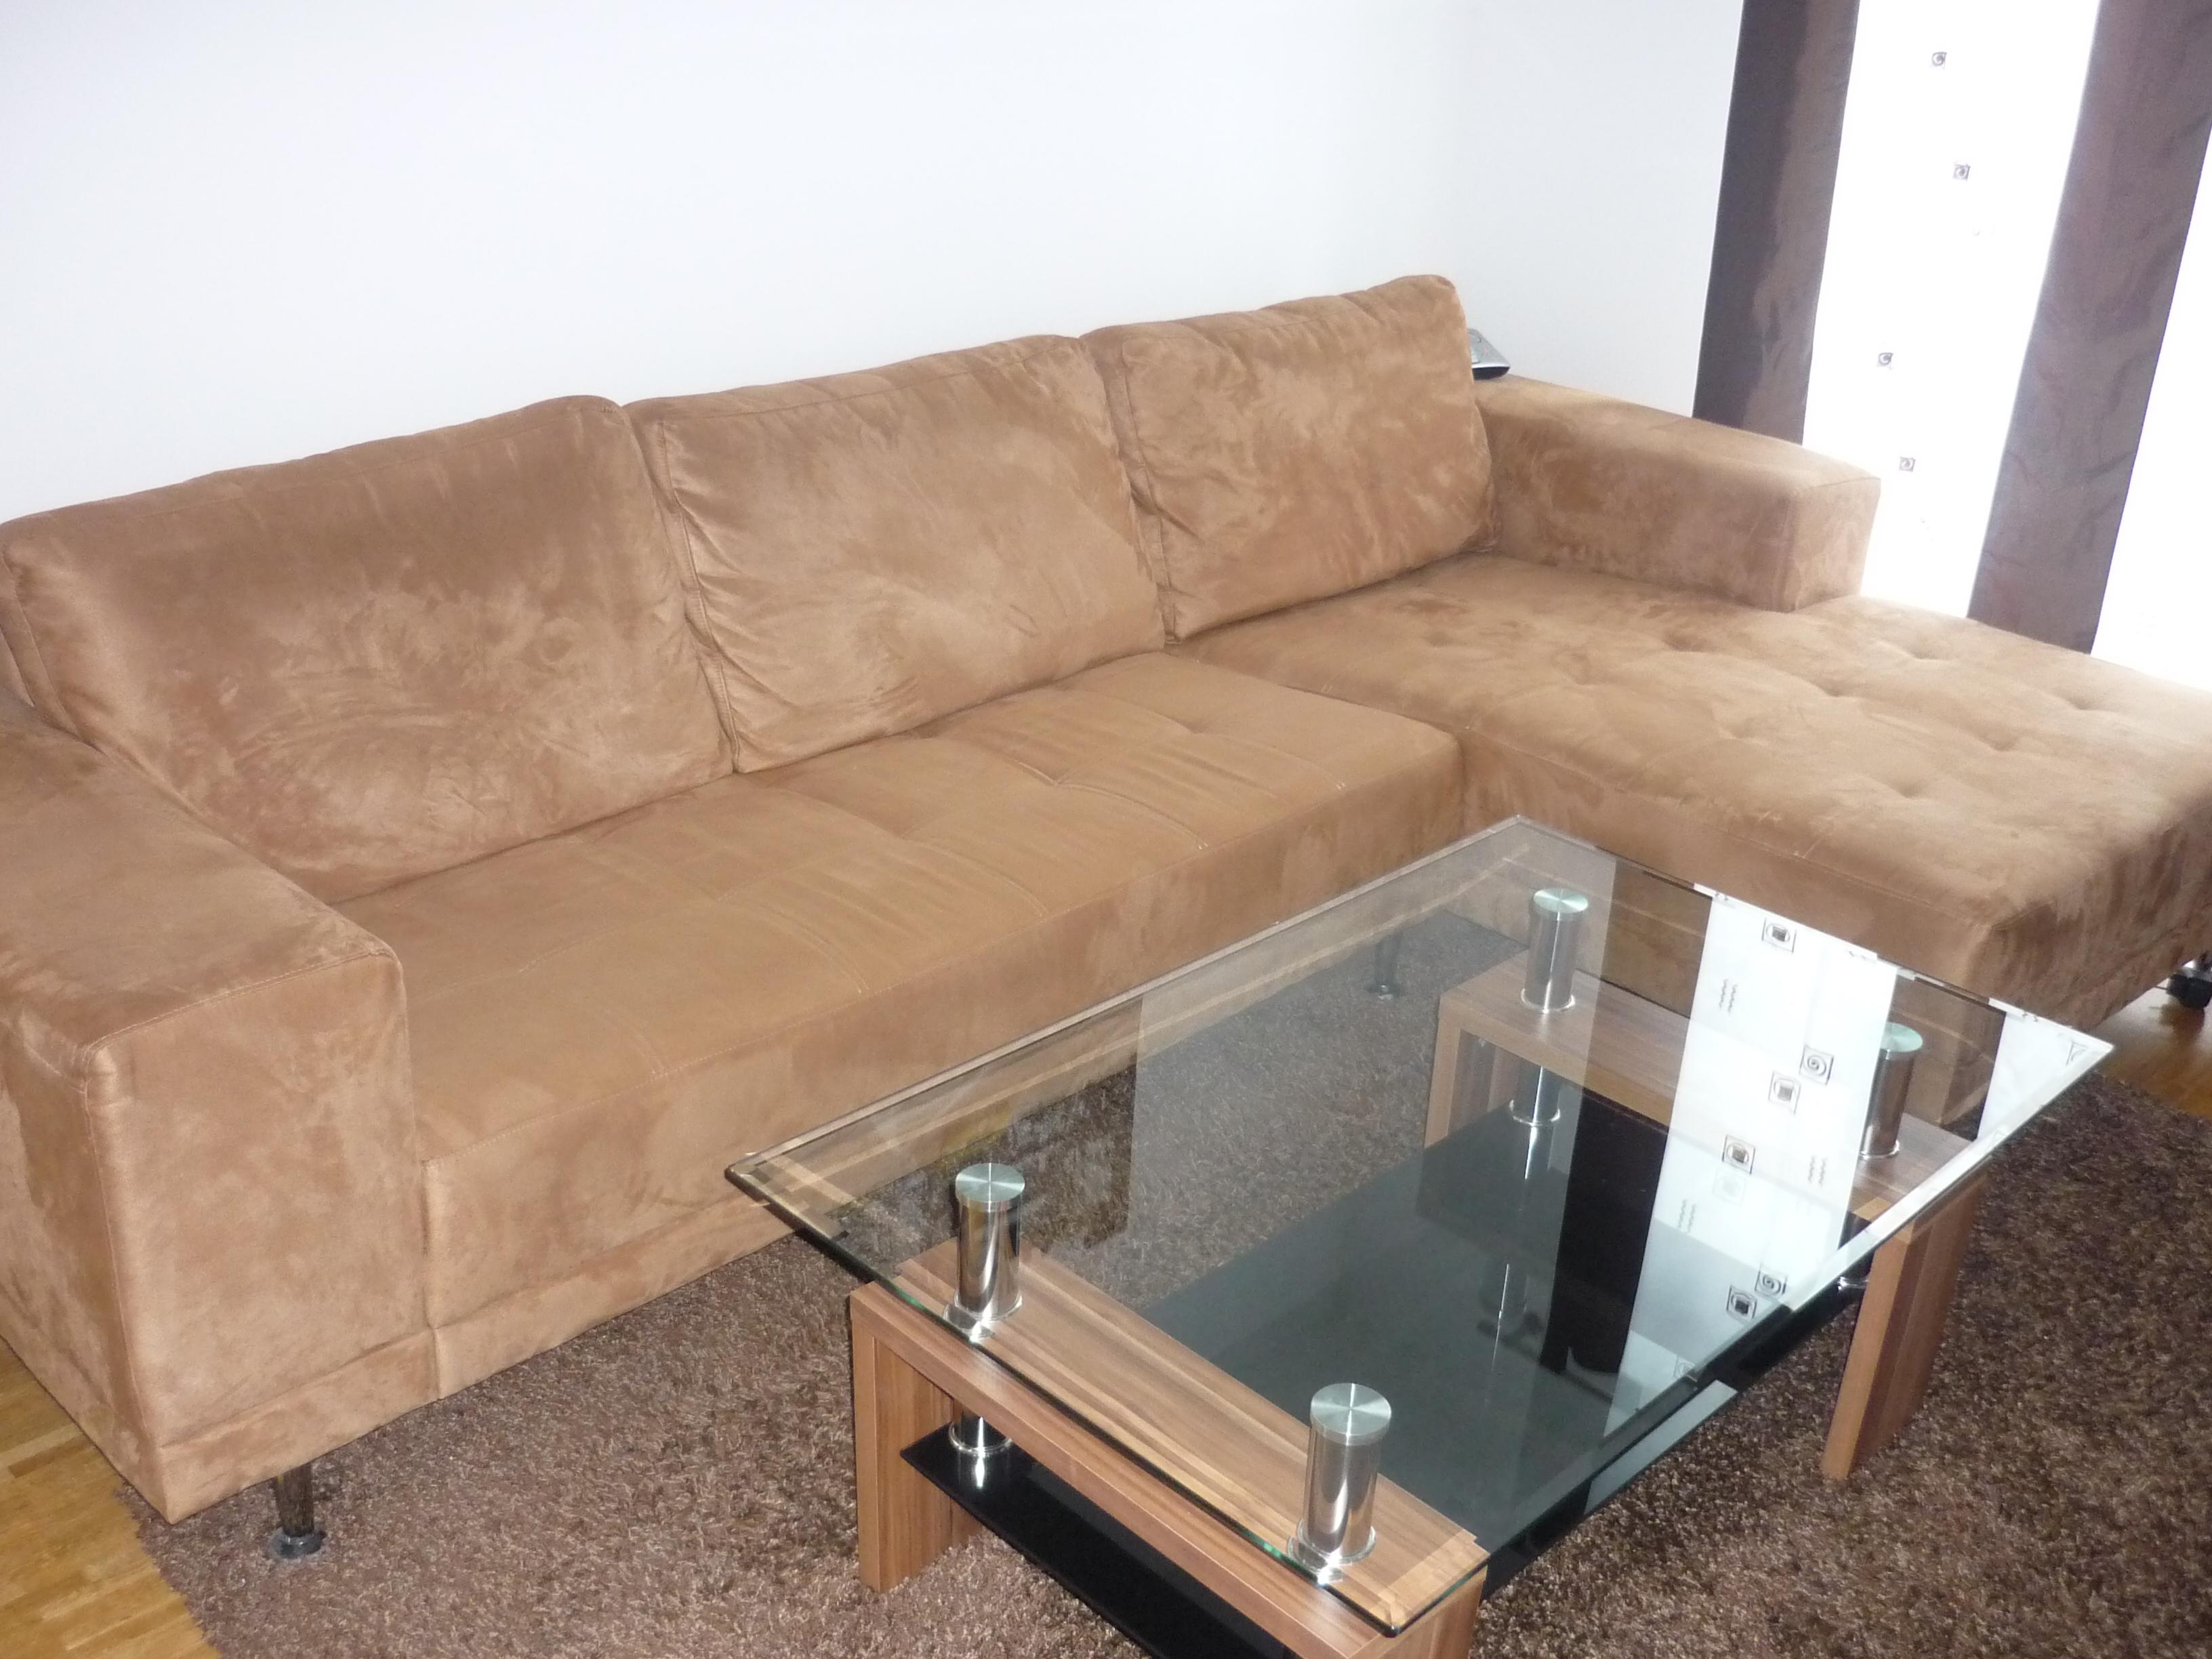 m bel und haushalt kleinanzeigen in m nchen seite 2. Black Bedroom Furniture Sets. Home Design Ideas